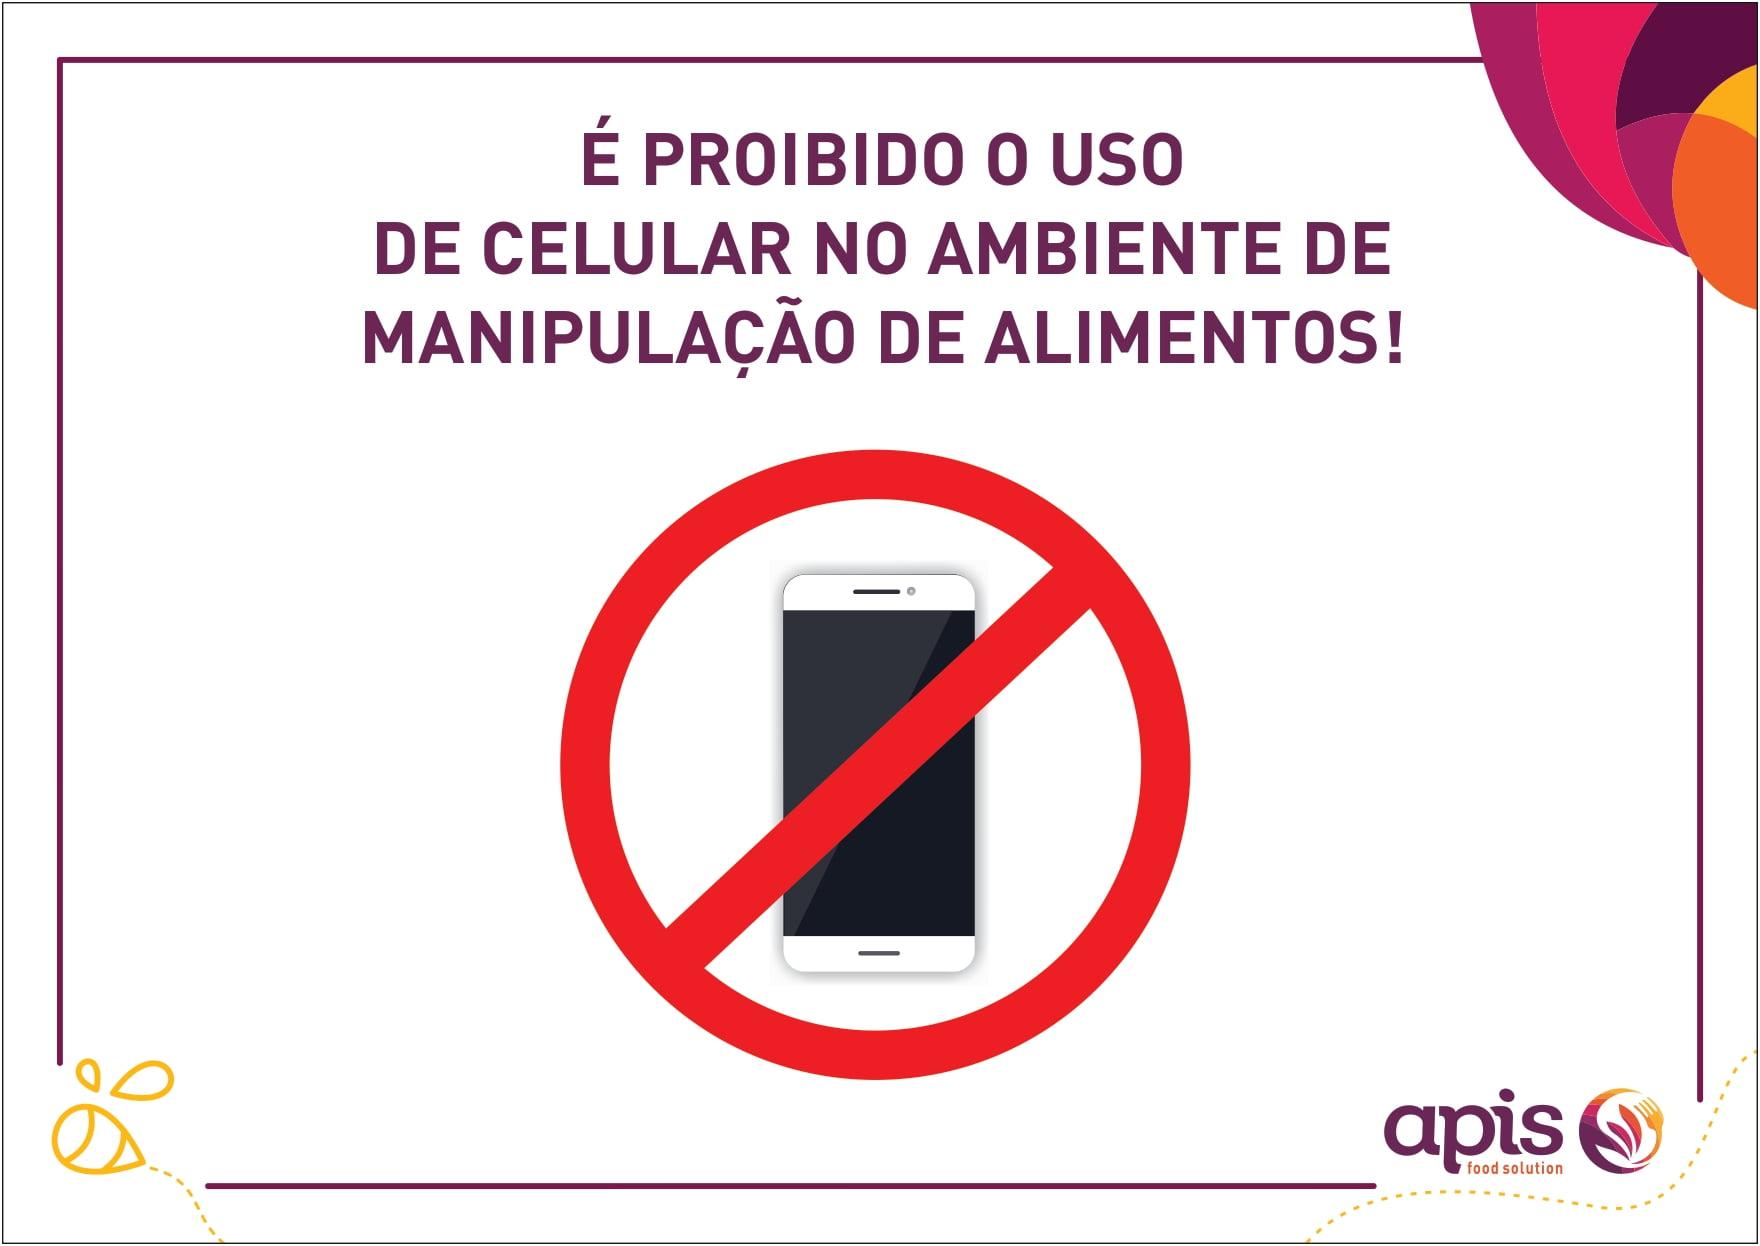 Não é permitido uso do celular